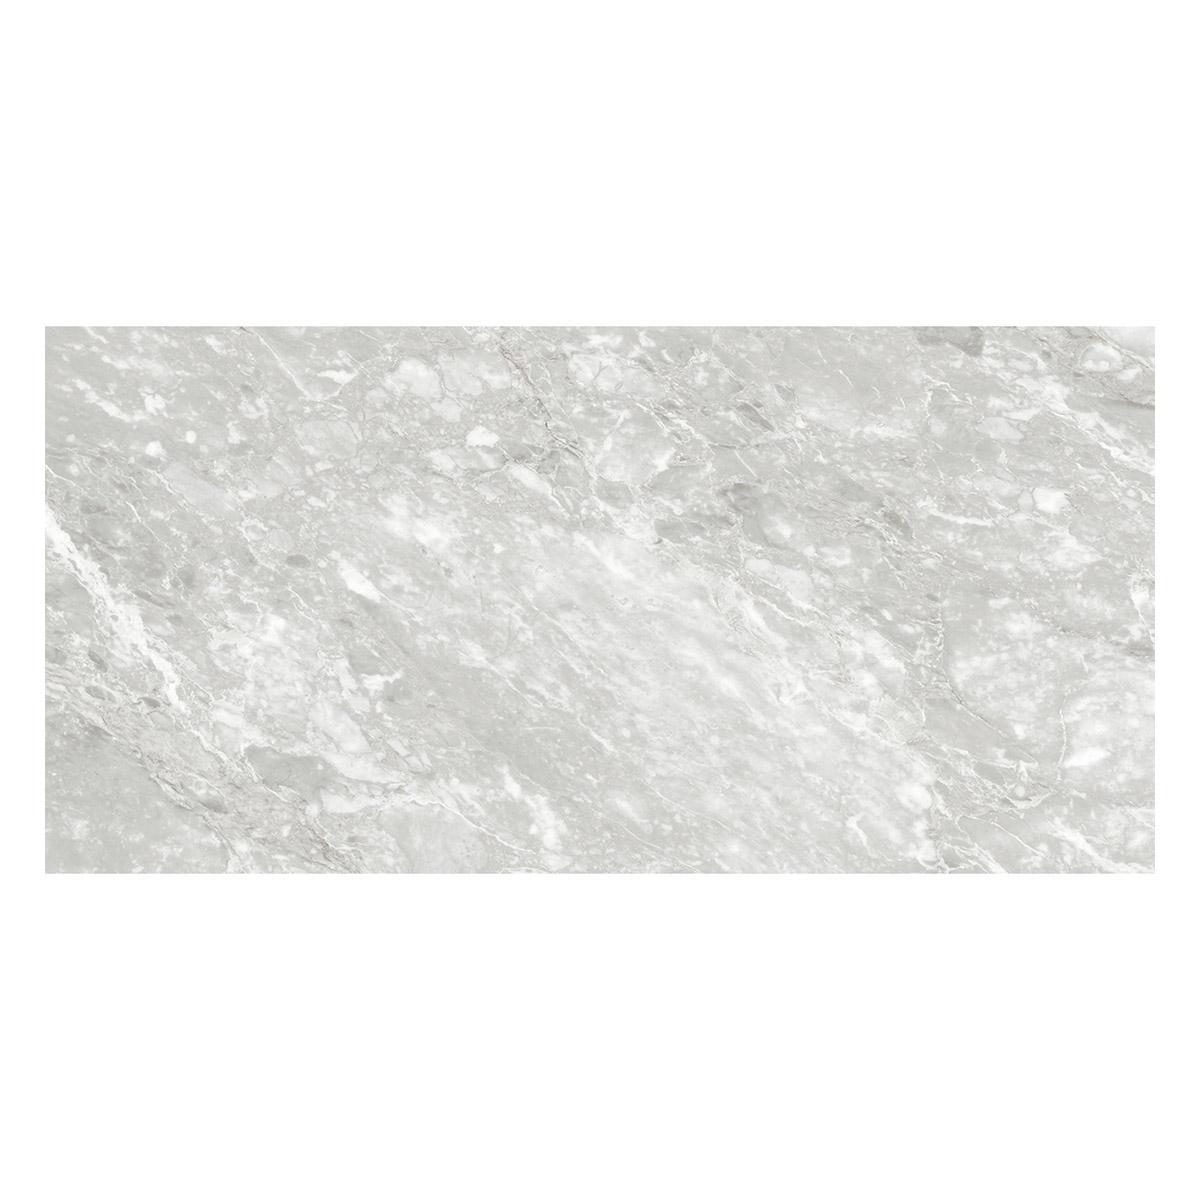 Porcelanato Marvel Blanco/Gris Brillante - 58.6X118.7 cm - 1.39 m2